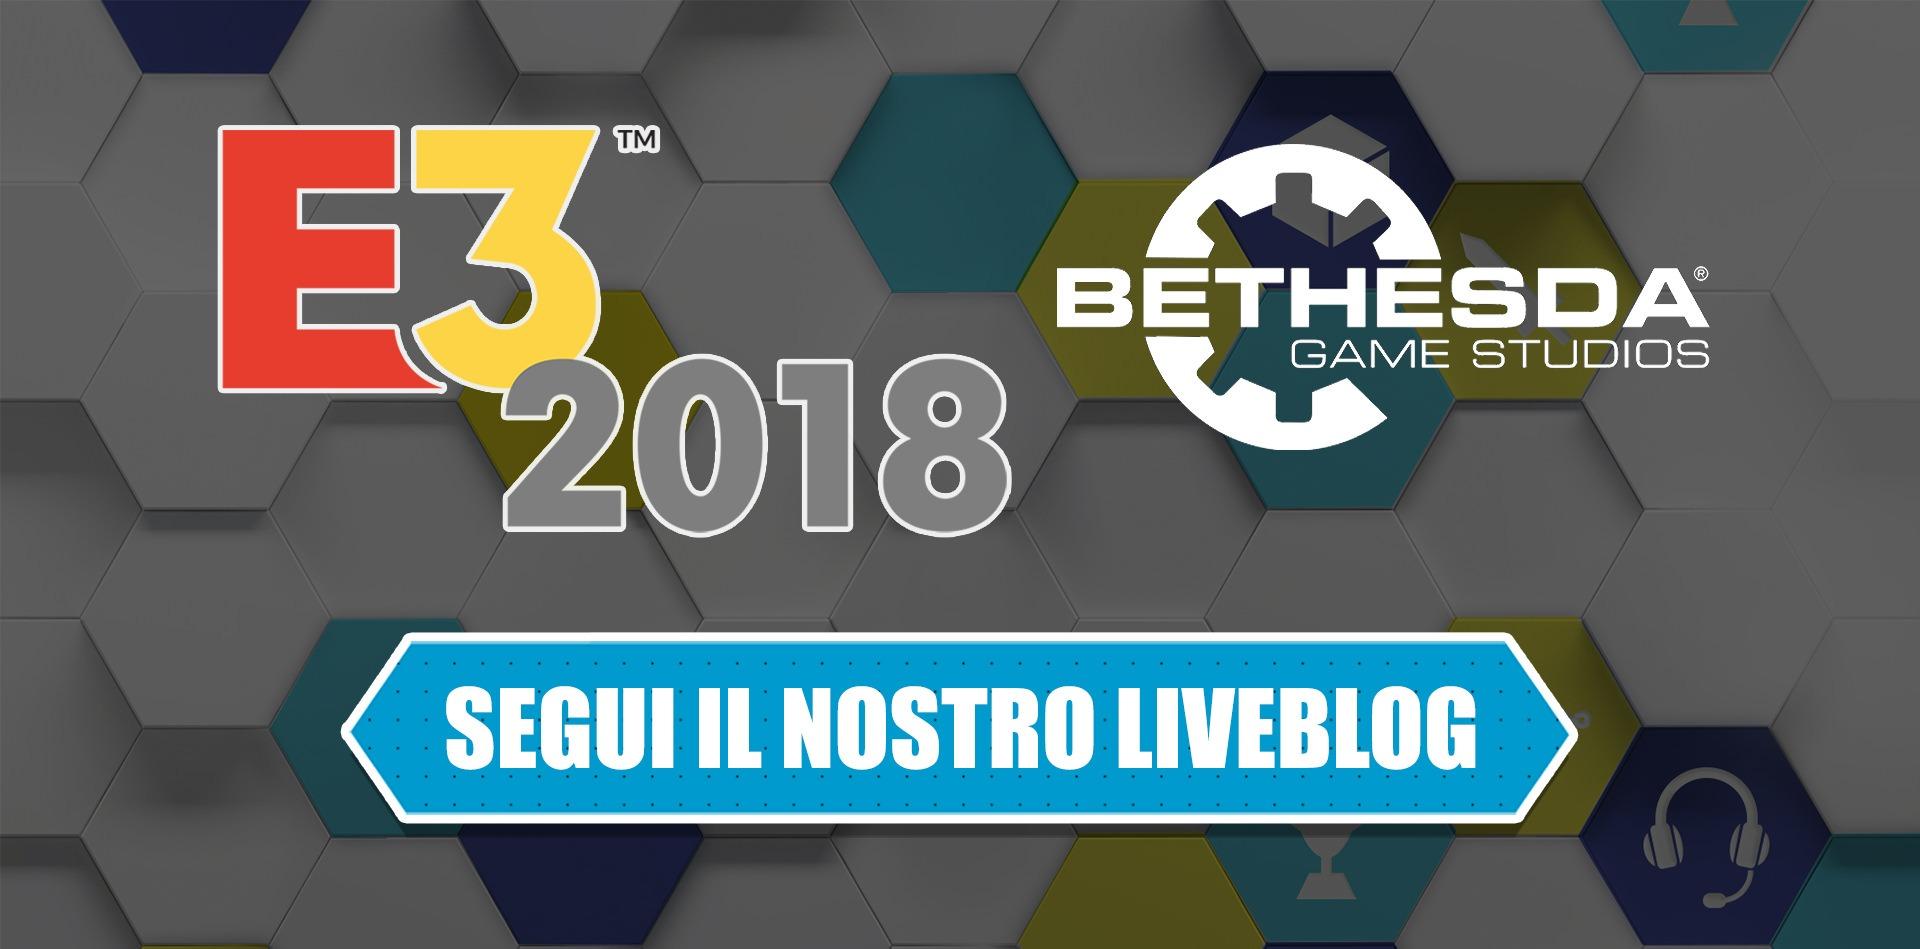 E3 2018: segui il liveblog della conferenza Bethesda l'11 giugno dalle 3.30